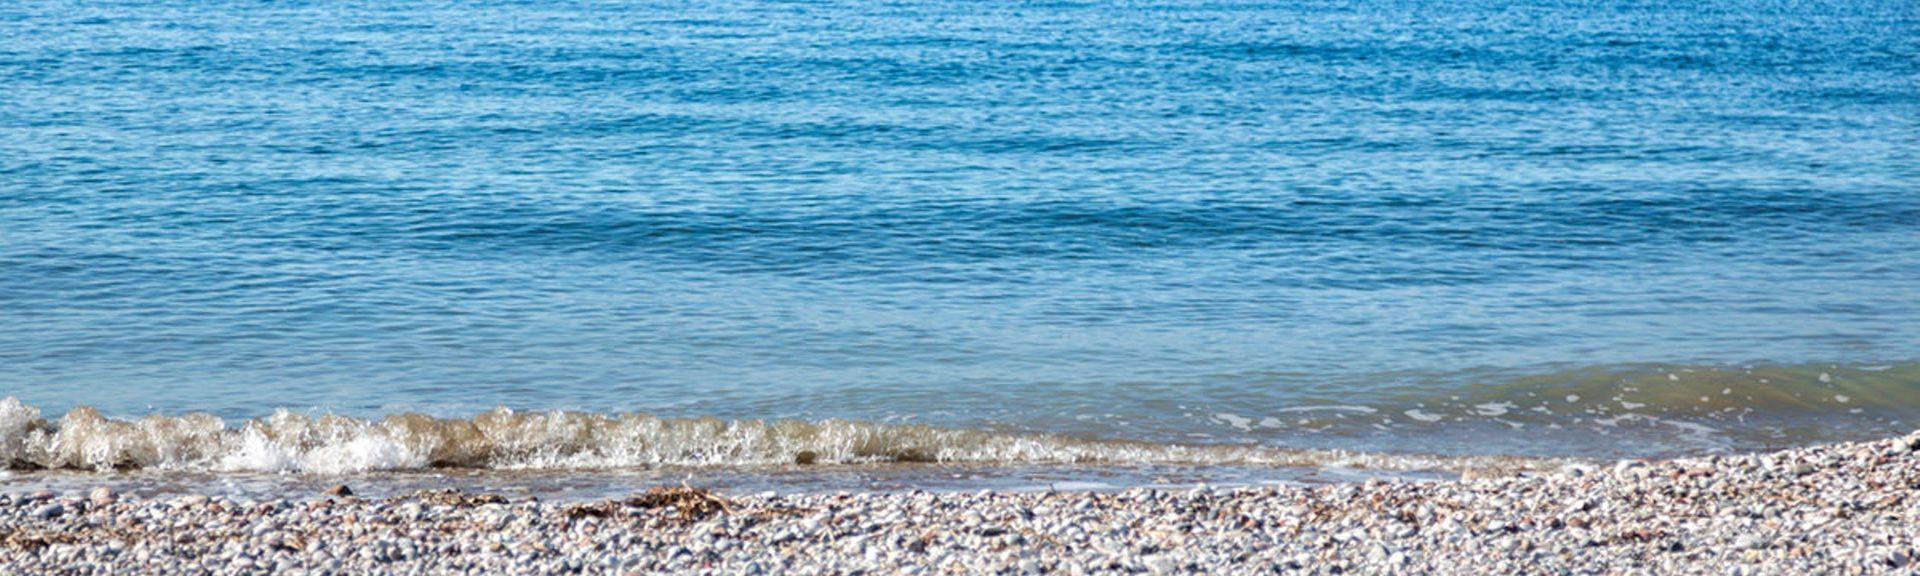 Faliraki, Rodas, Periferia de Egeo Meridional, Grecia